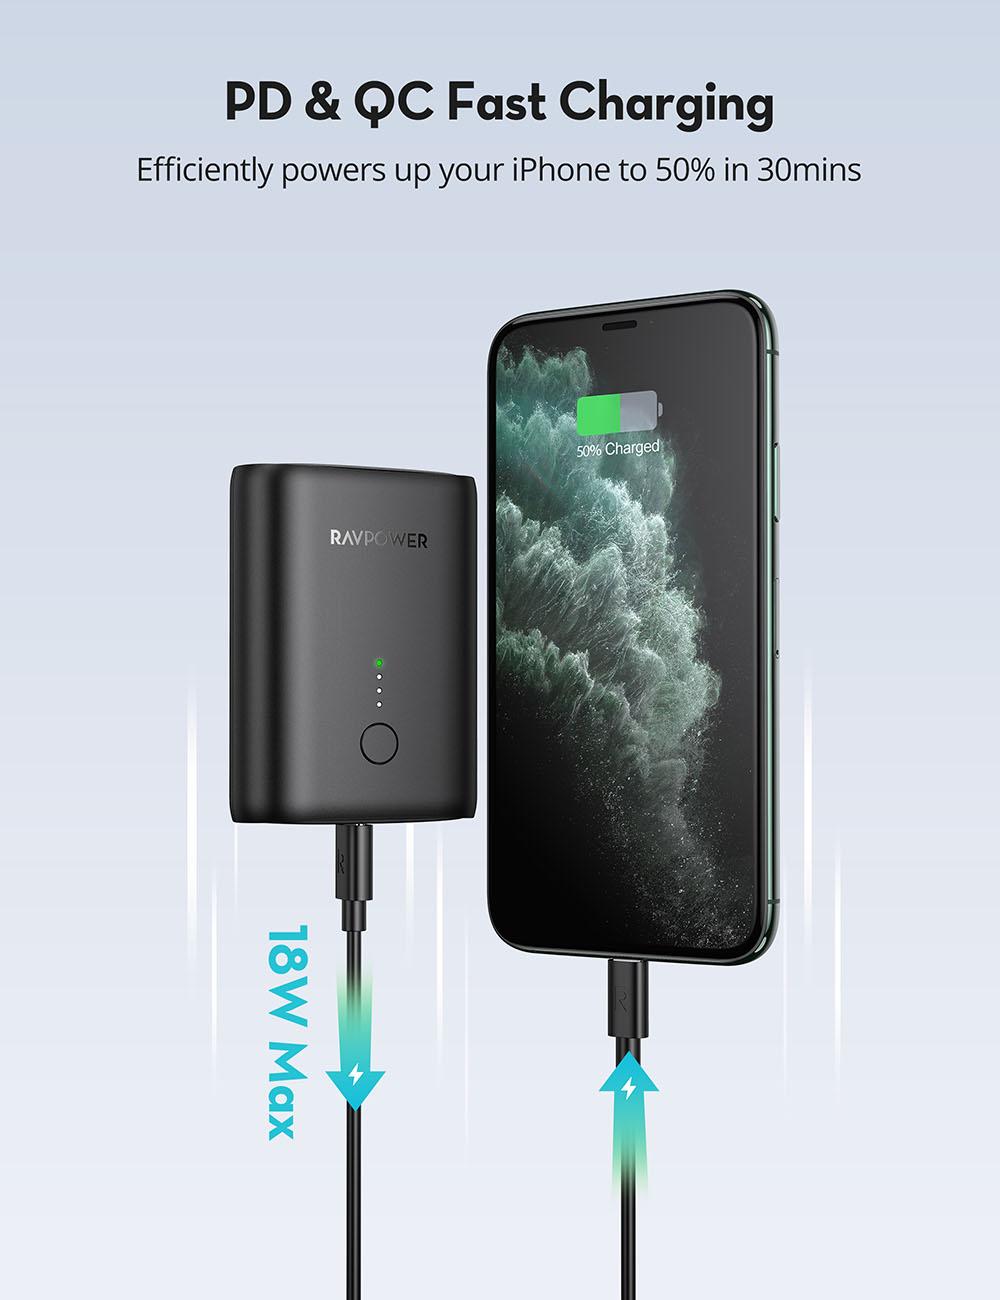 Pin Sạc Dự Phòng RAVPower 10000mAh Tích Hợp USB Type-C In/Out Hỗ Trợ Sạc Nhanh PD Power Delivery 18W và Quick Charge QC 3.0 RP-PB194 - Hàng Chính Hãng